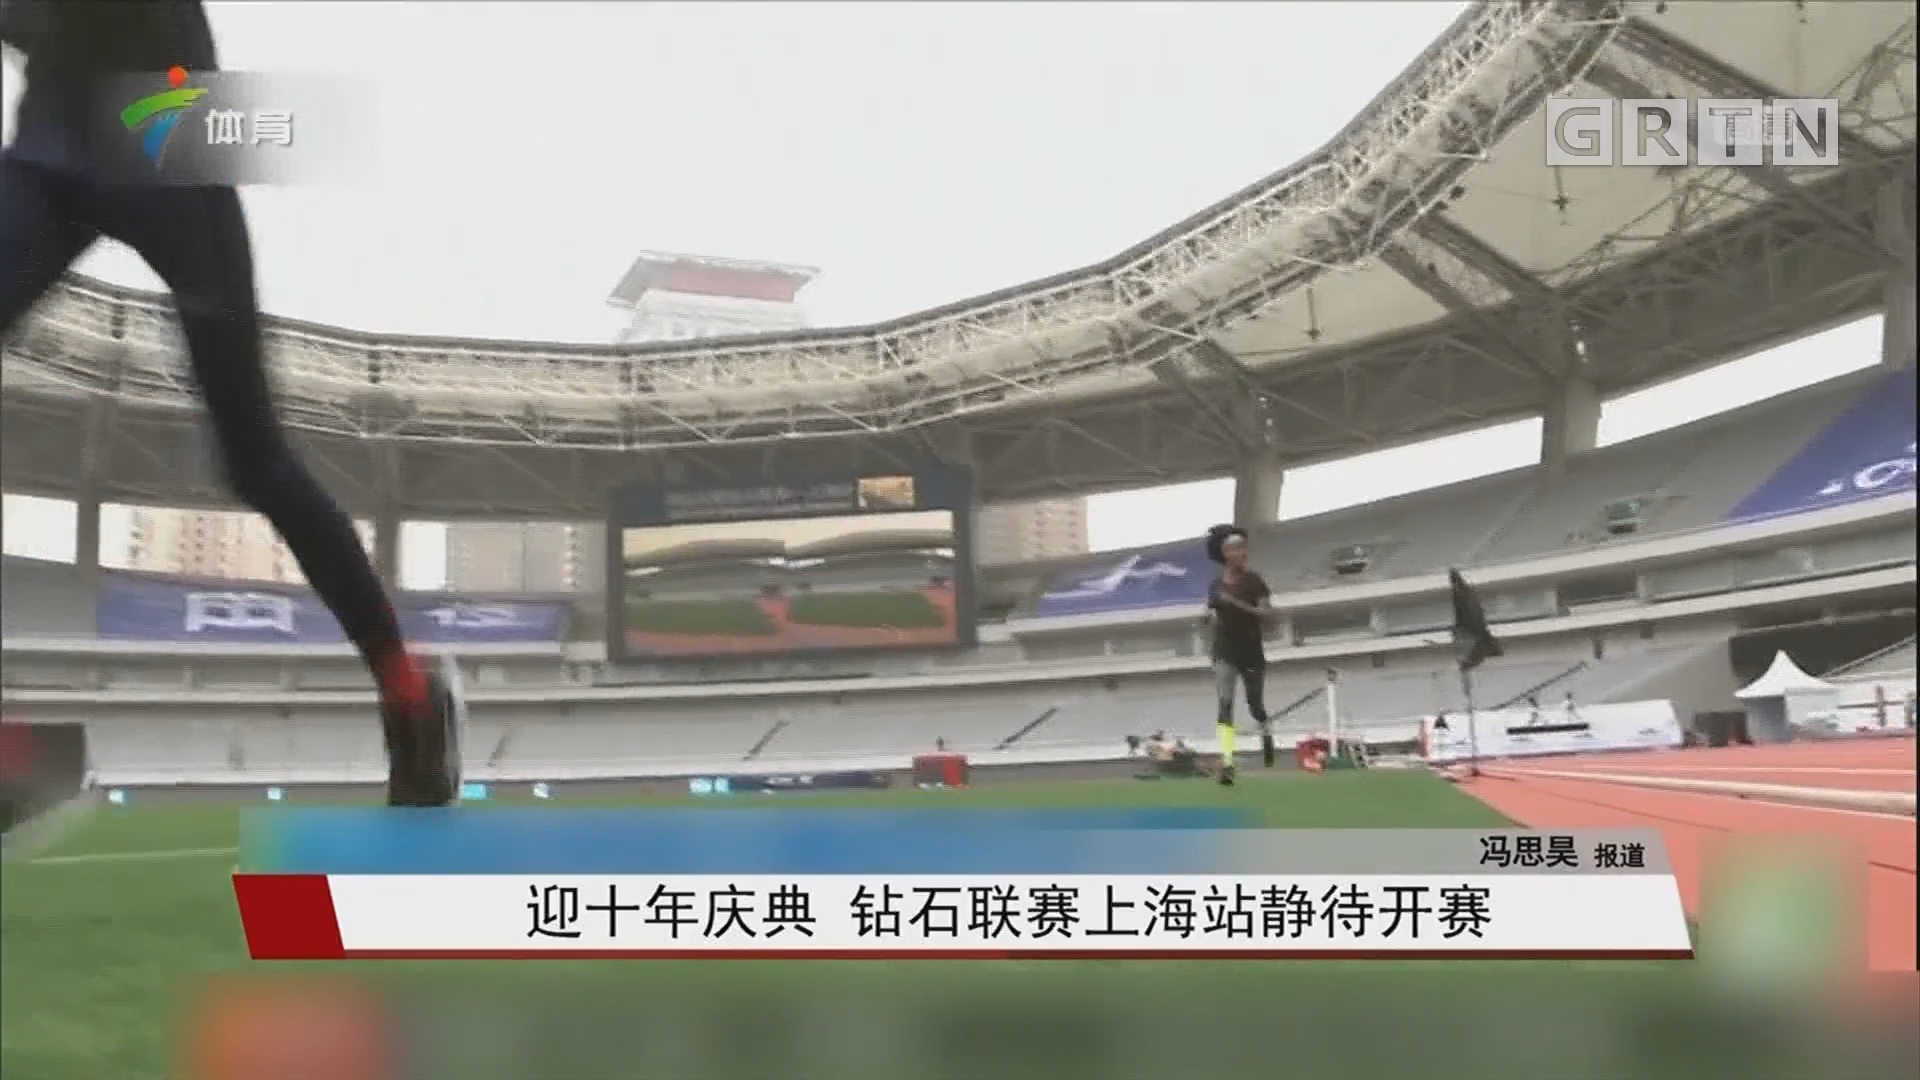 迎十年庆典 钻石联赛上海站静待开赛